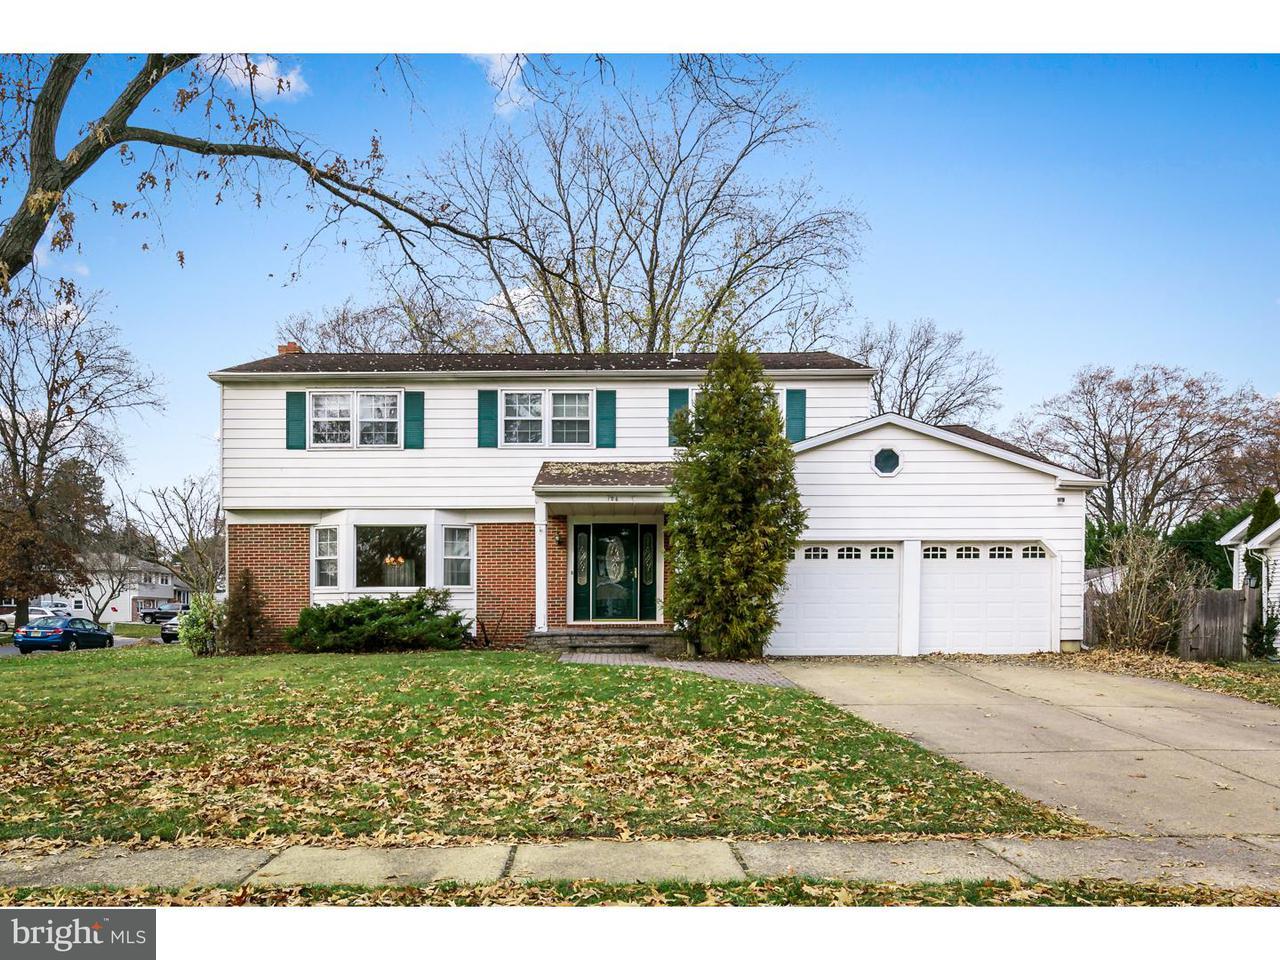 Частный односемейный дом для того Аренда на 106 RAMBLEWOOD PKWY Mount Laurel, Нью-Джерси 08054 Соединенные Штаты